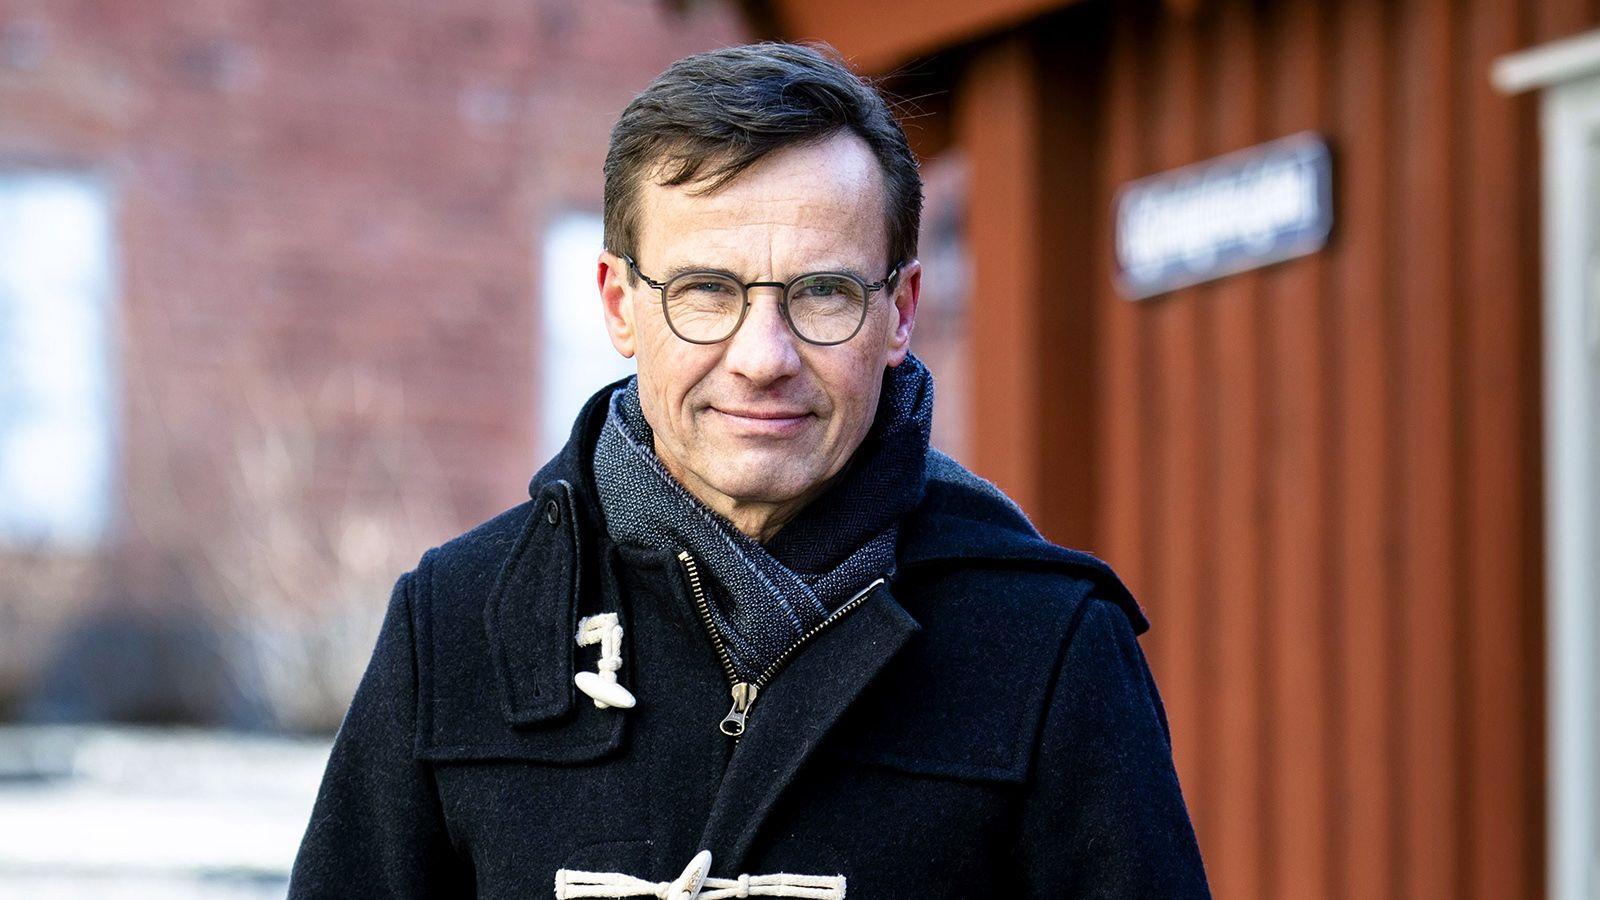 Ulf Kristersson utreds av polis – hade vapen i olåst skåp